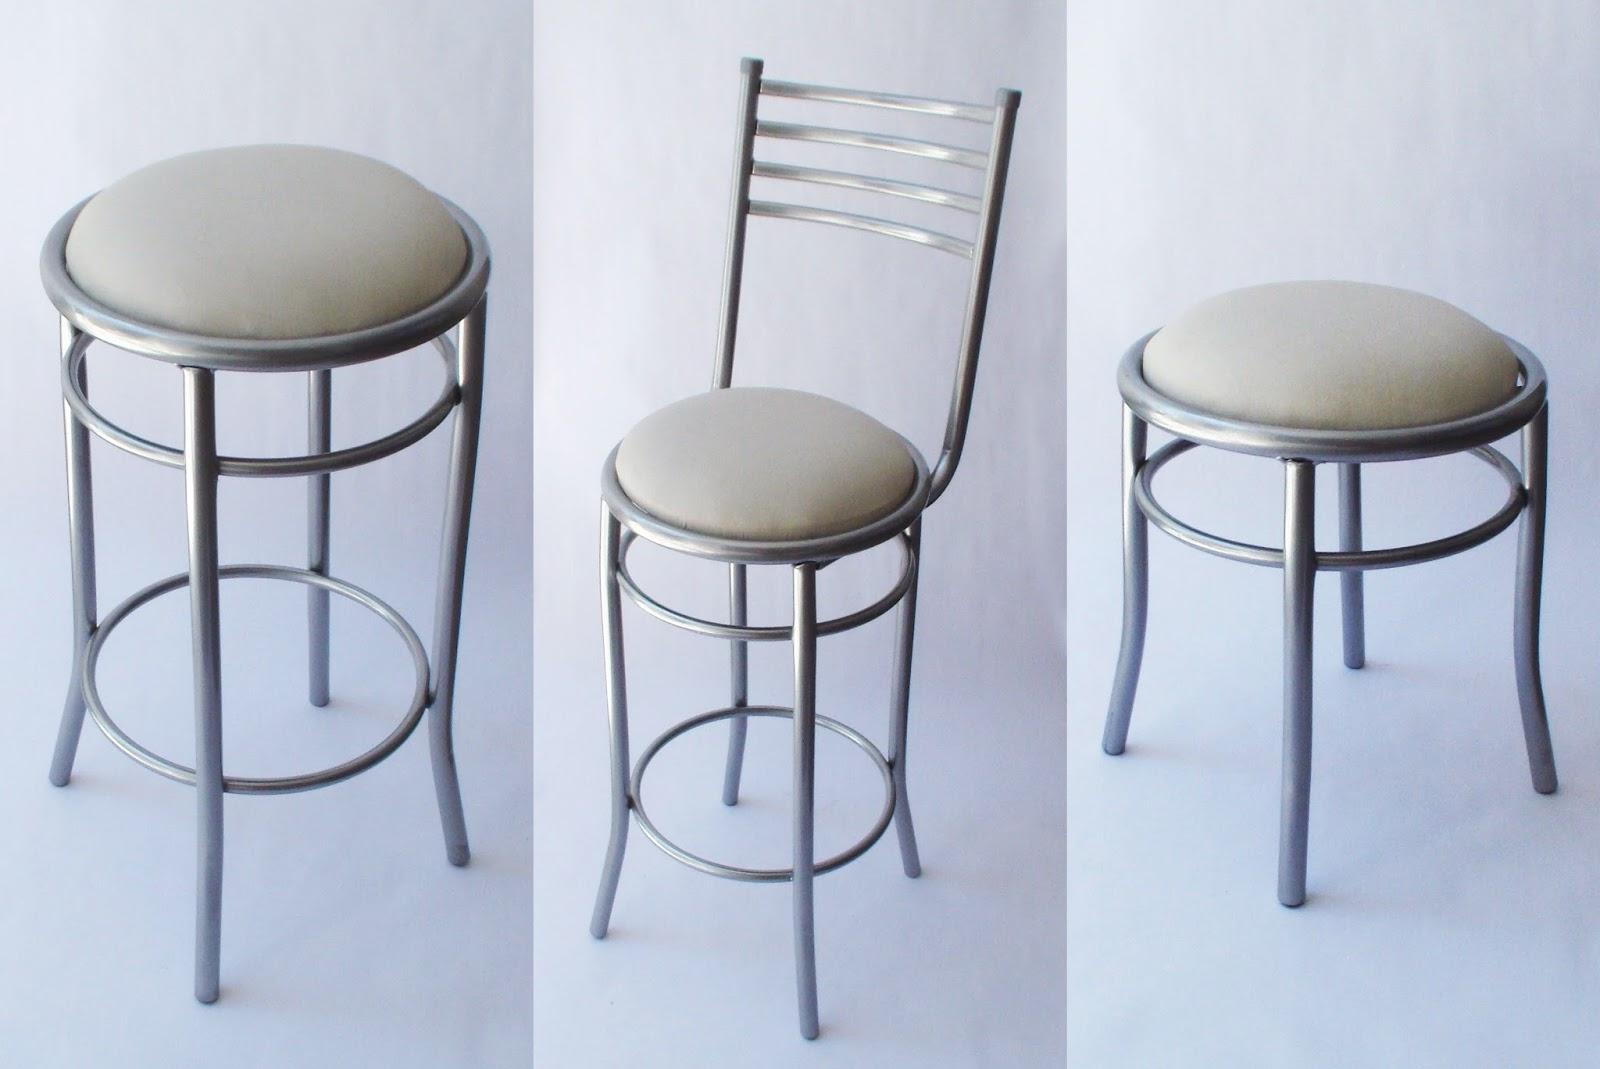 Sillas la italiana fabrica de sillas y banquetas for Fabrica de sillas